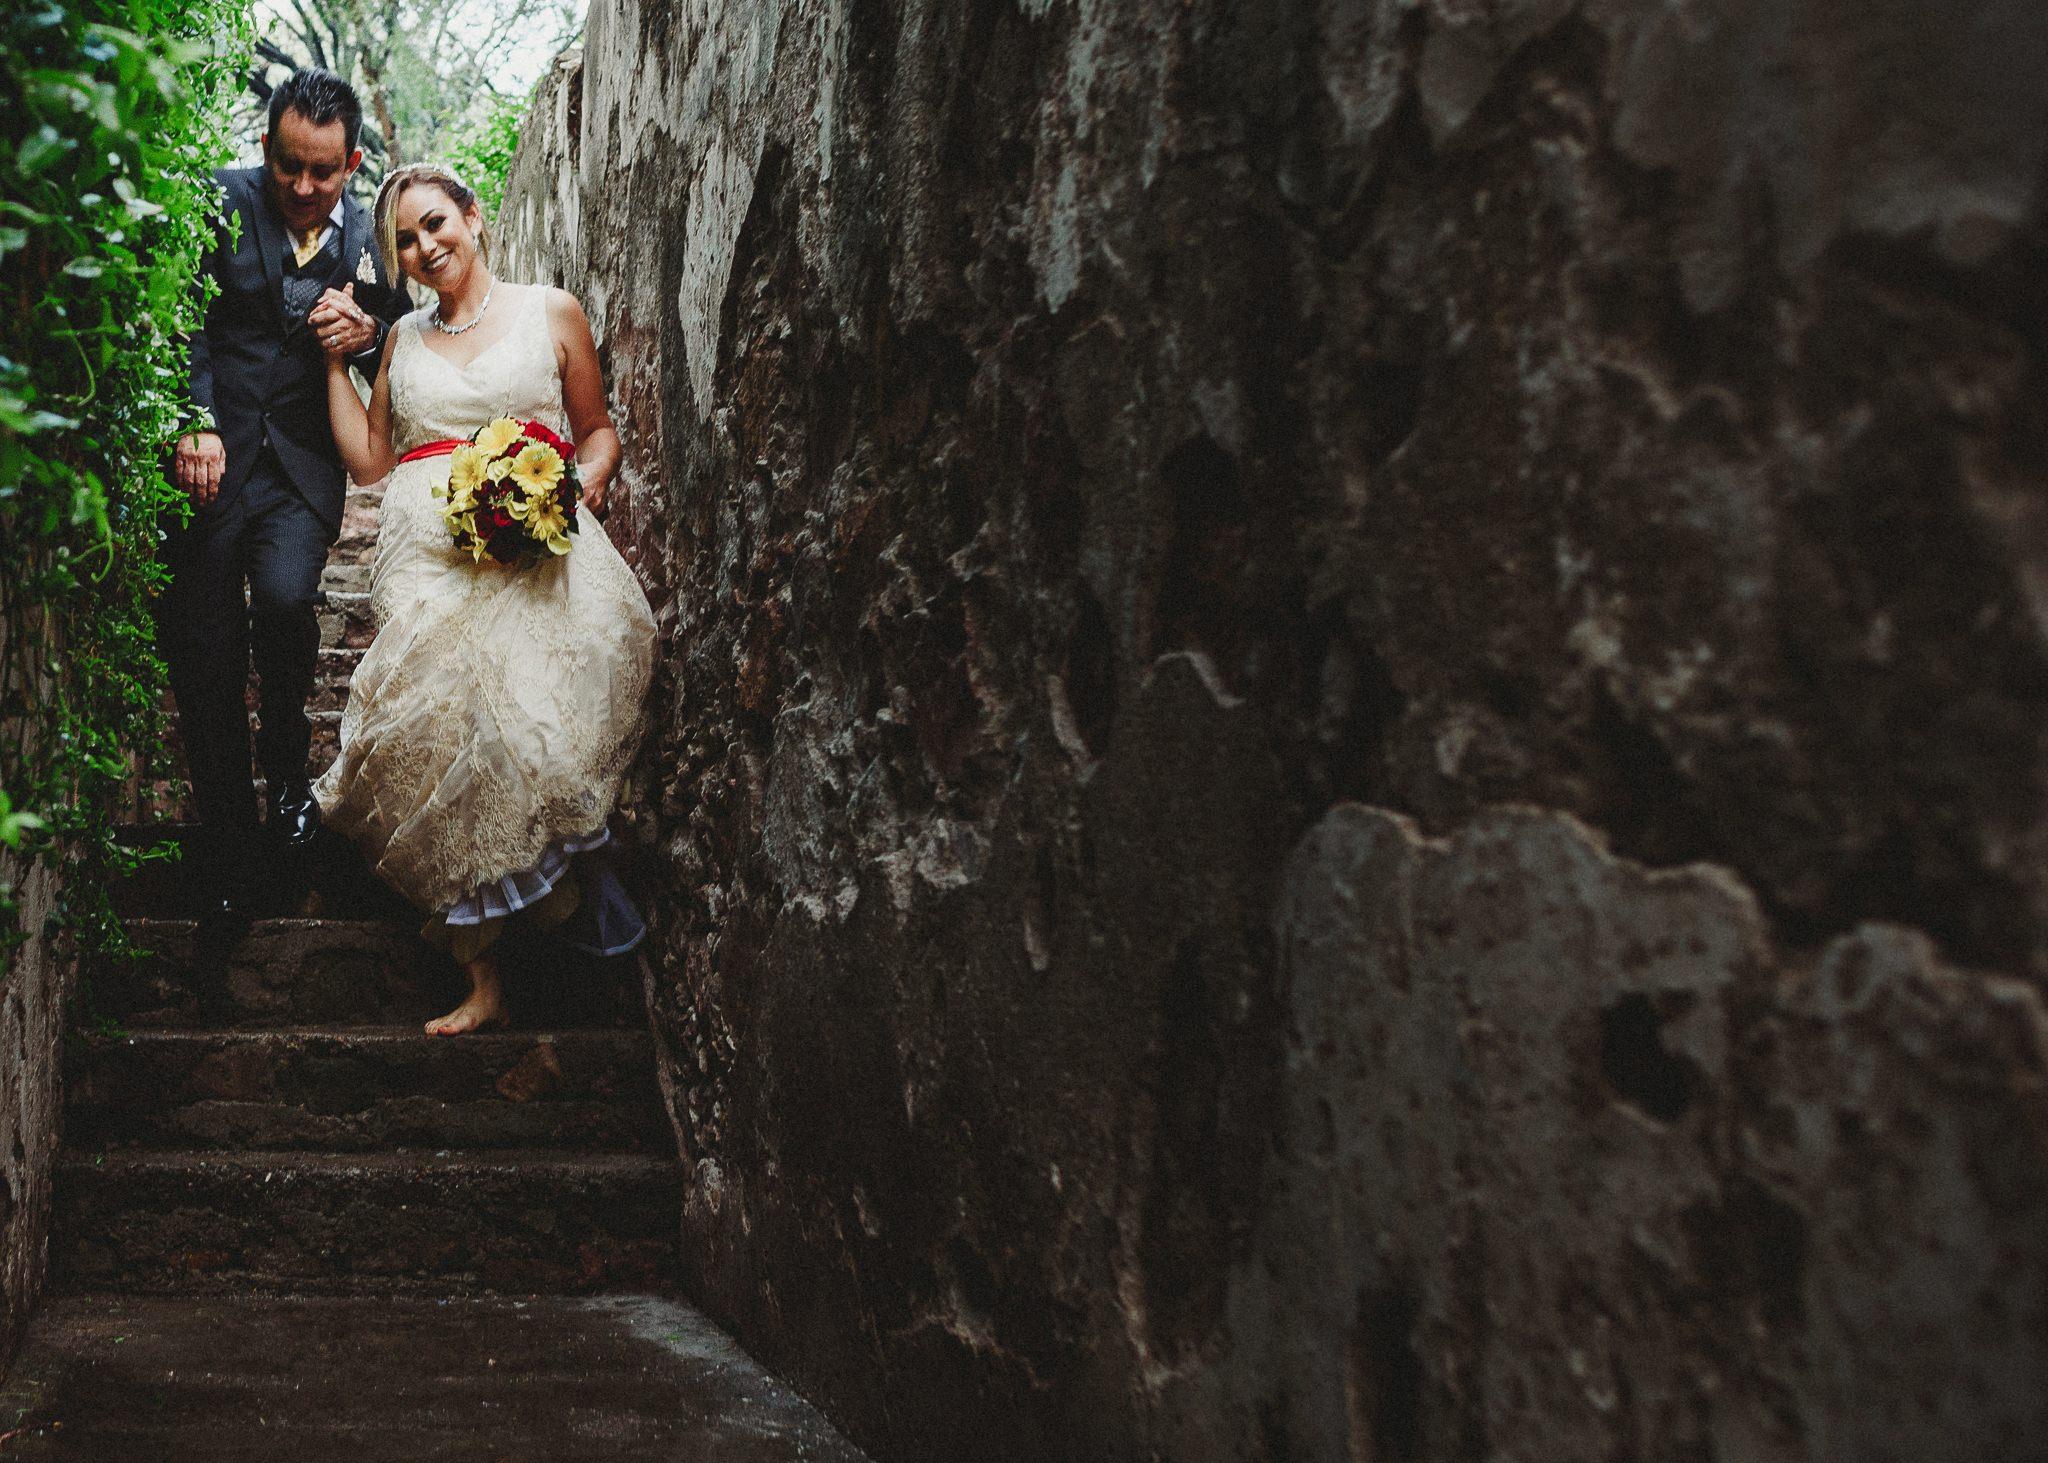 03boda-en-jardin-wedding-hacienda-los-cuartos-fotografo-luis-houdin95